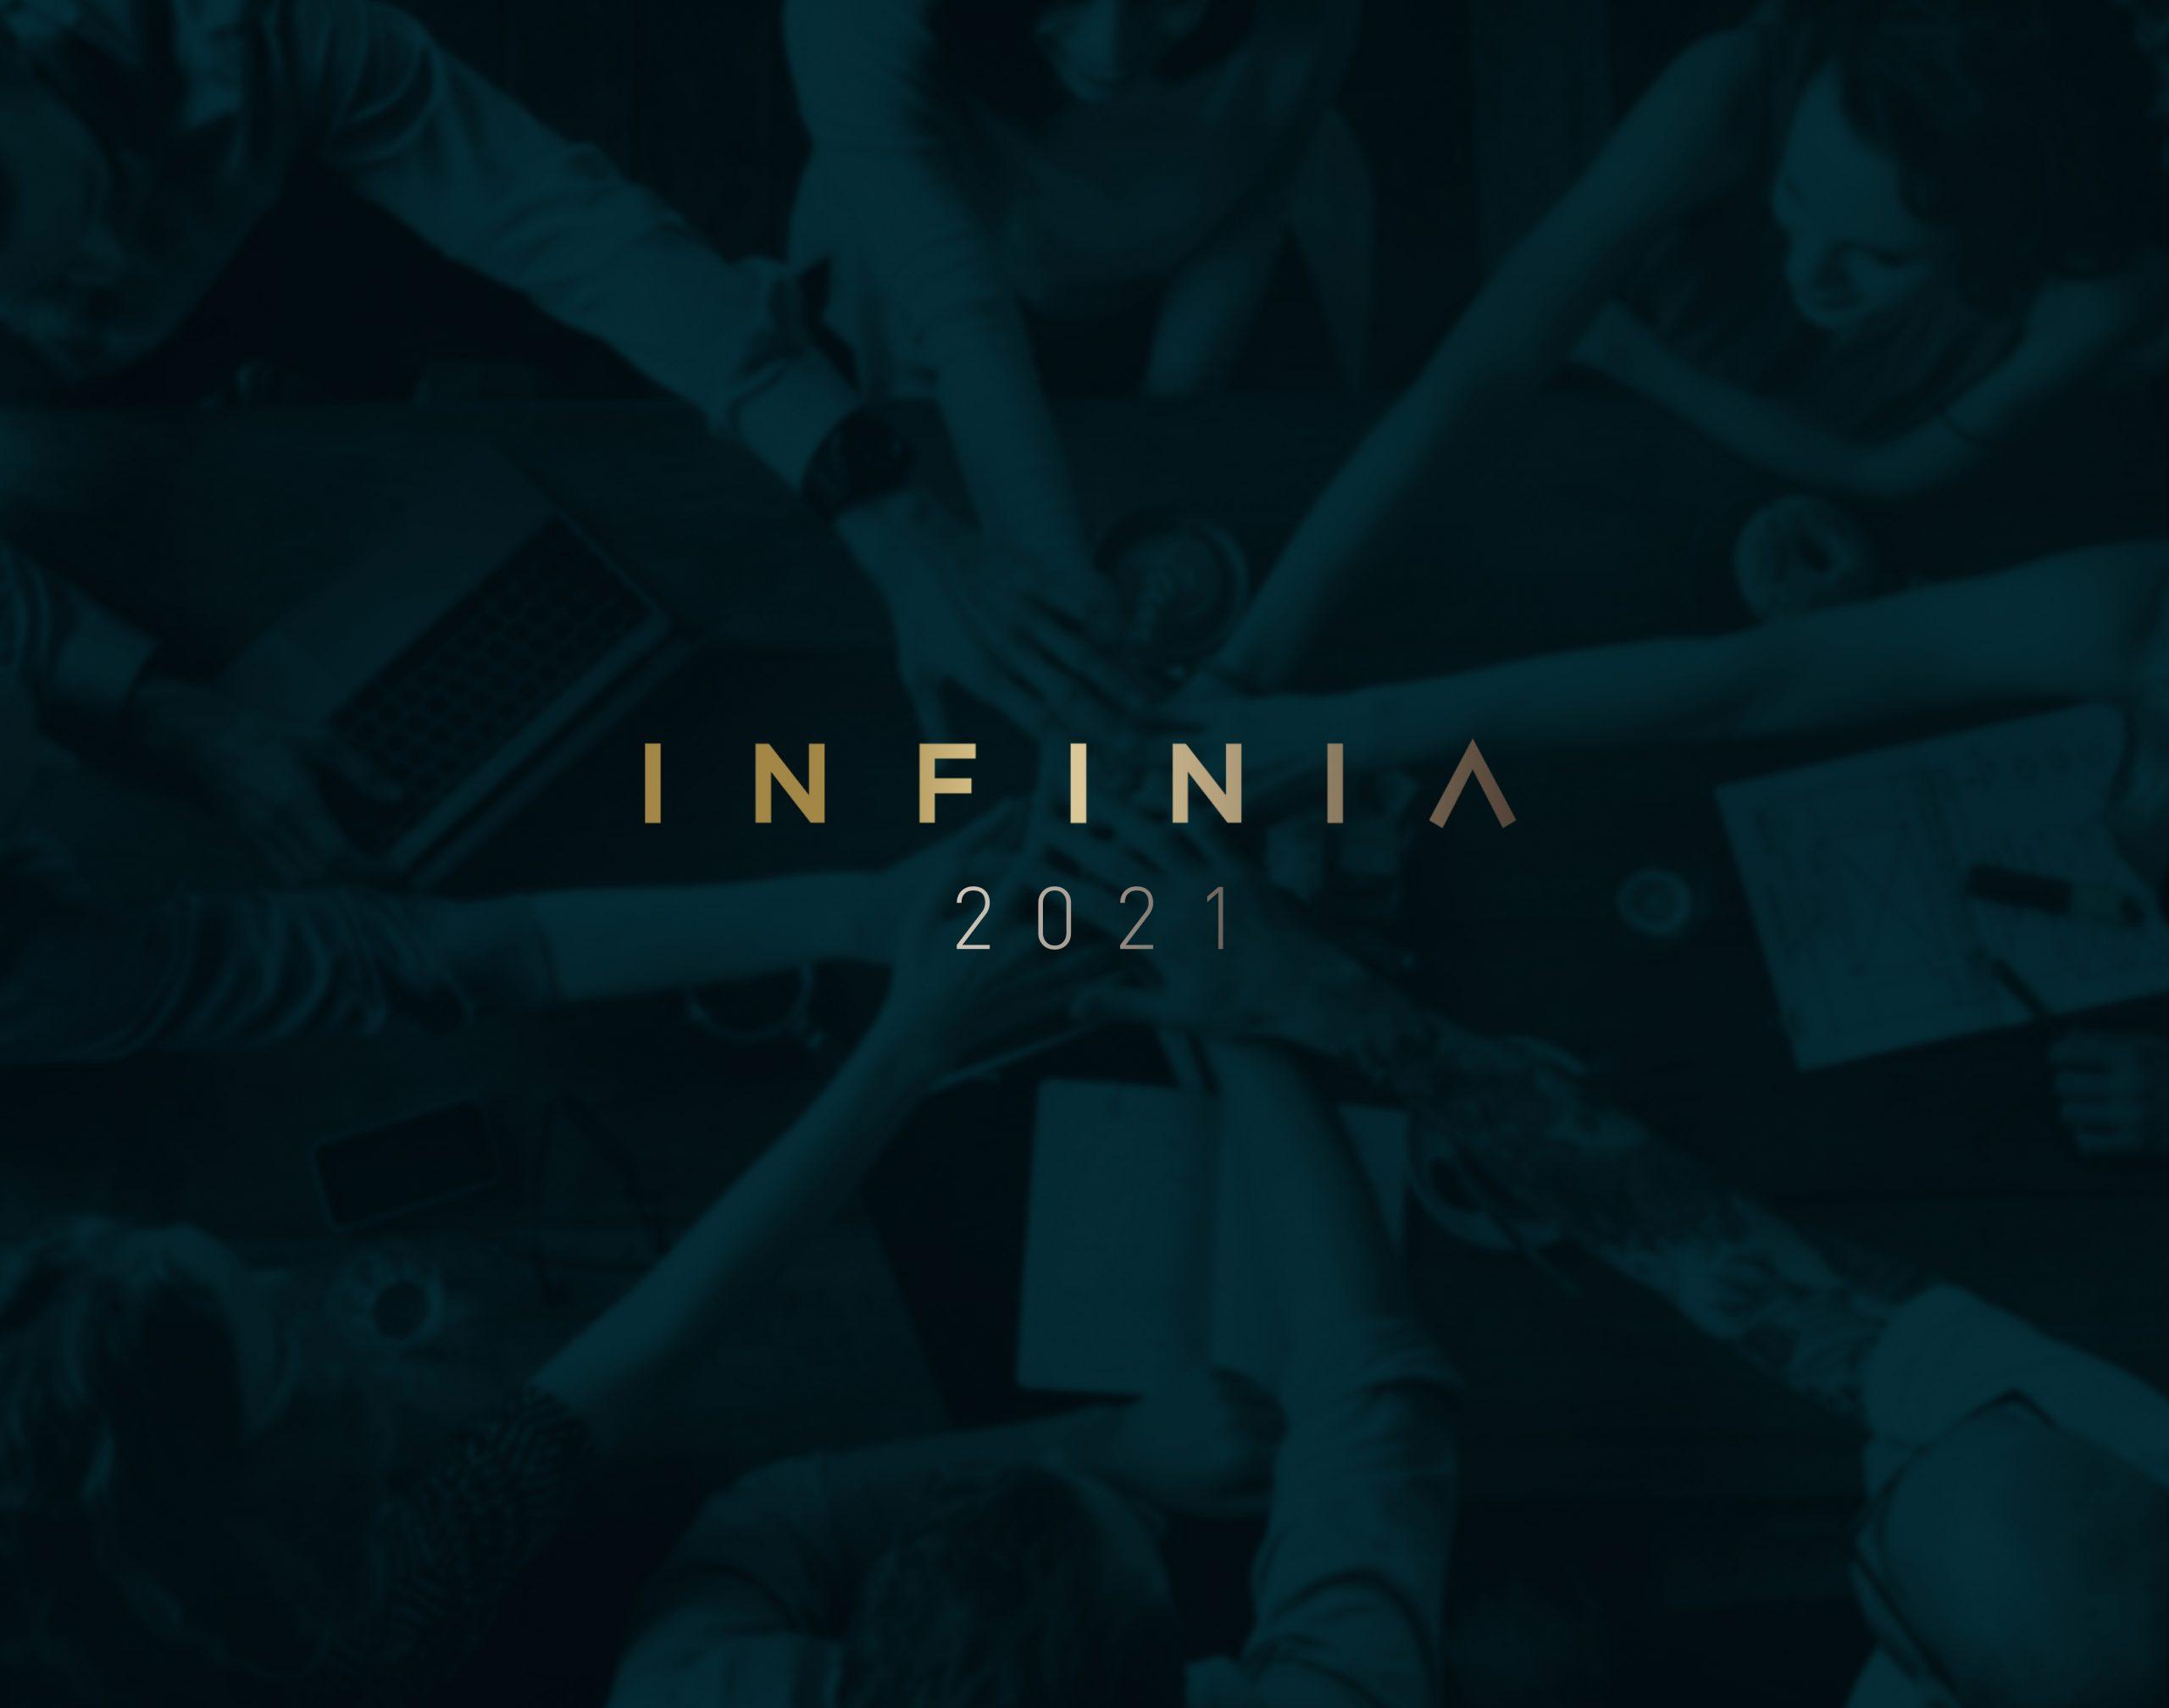 """""""Ha sido un año muy duro, pero hemos aguantado"""" – Entrevista a Fausto Fernández, CEO de Infinia"""